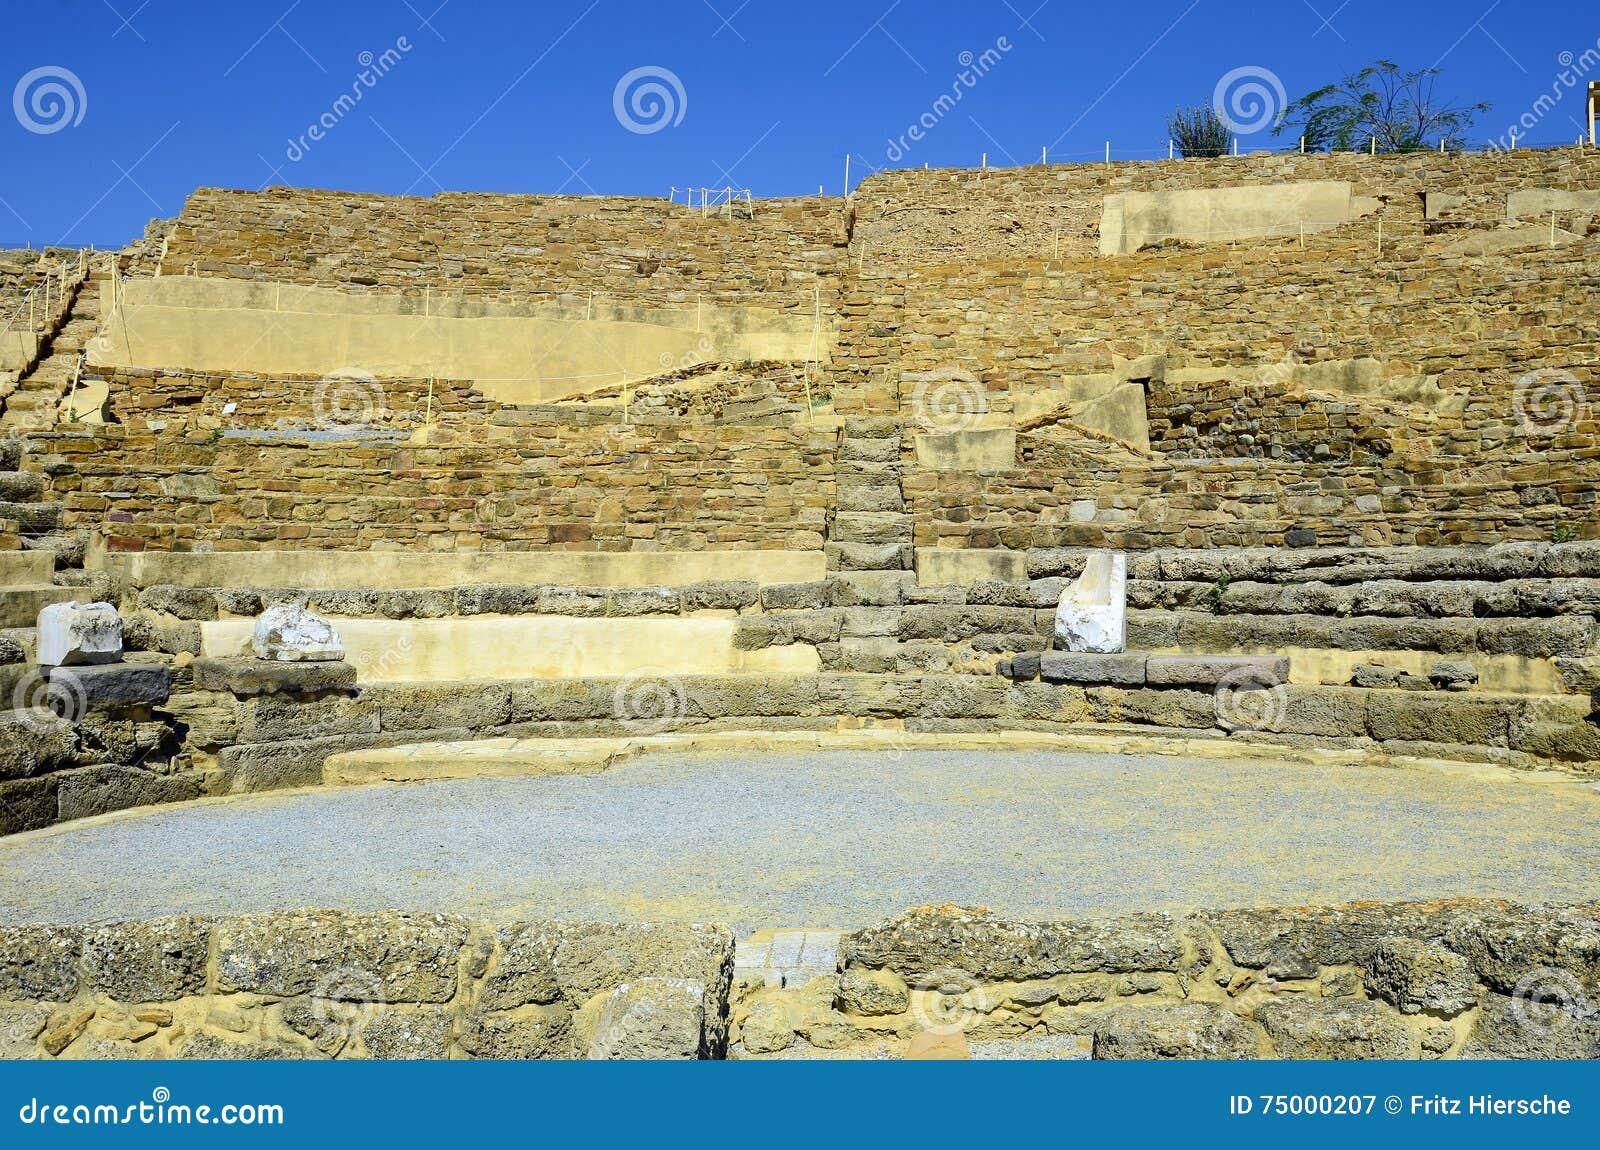 Greece_Lemnoseiland, oude hephaisto